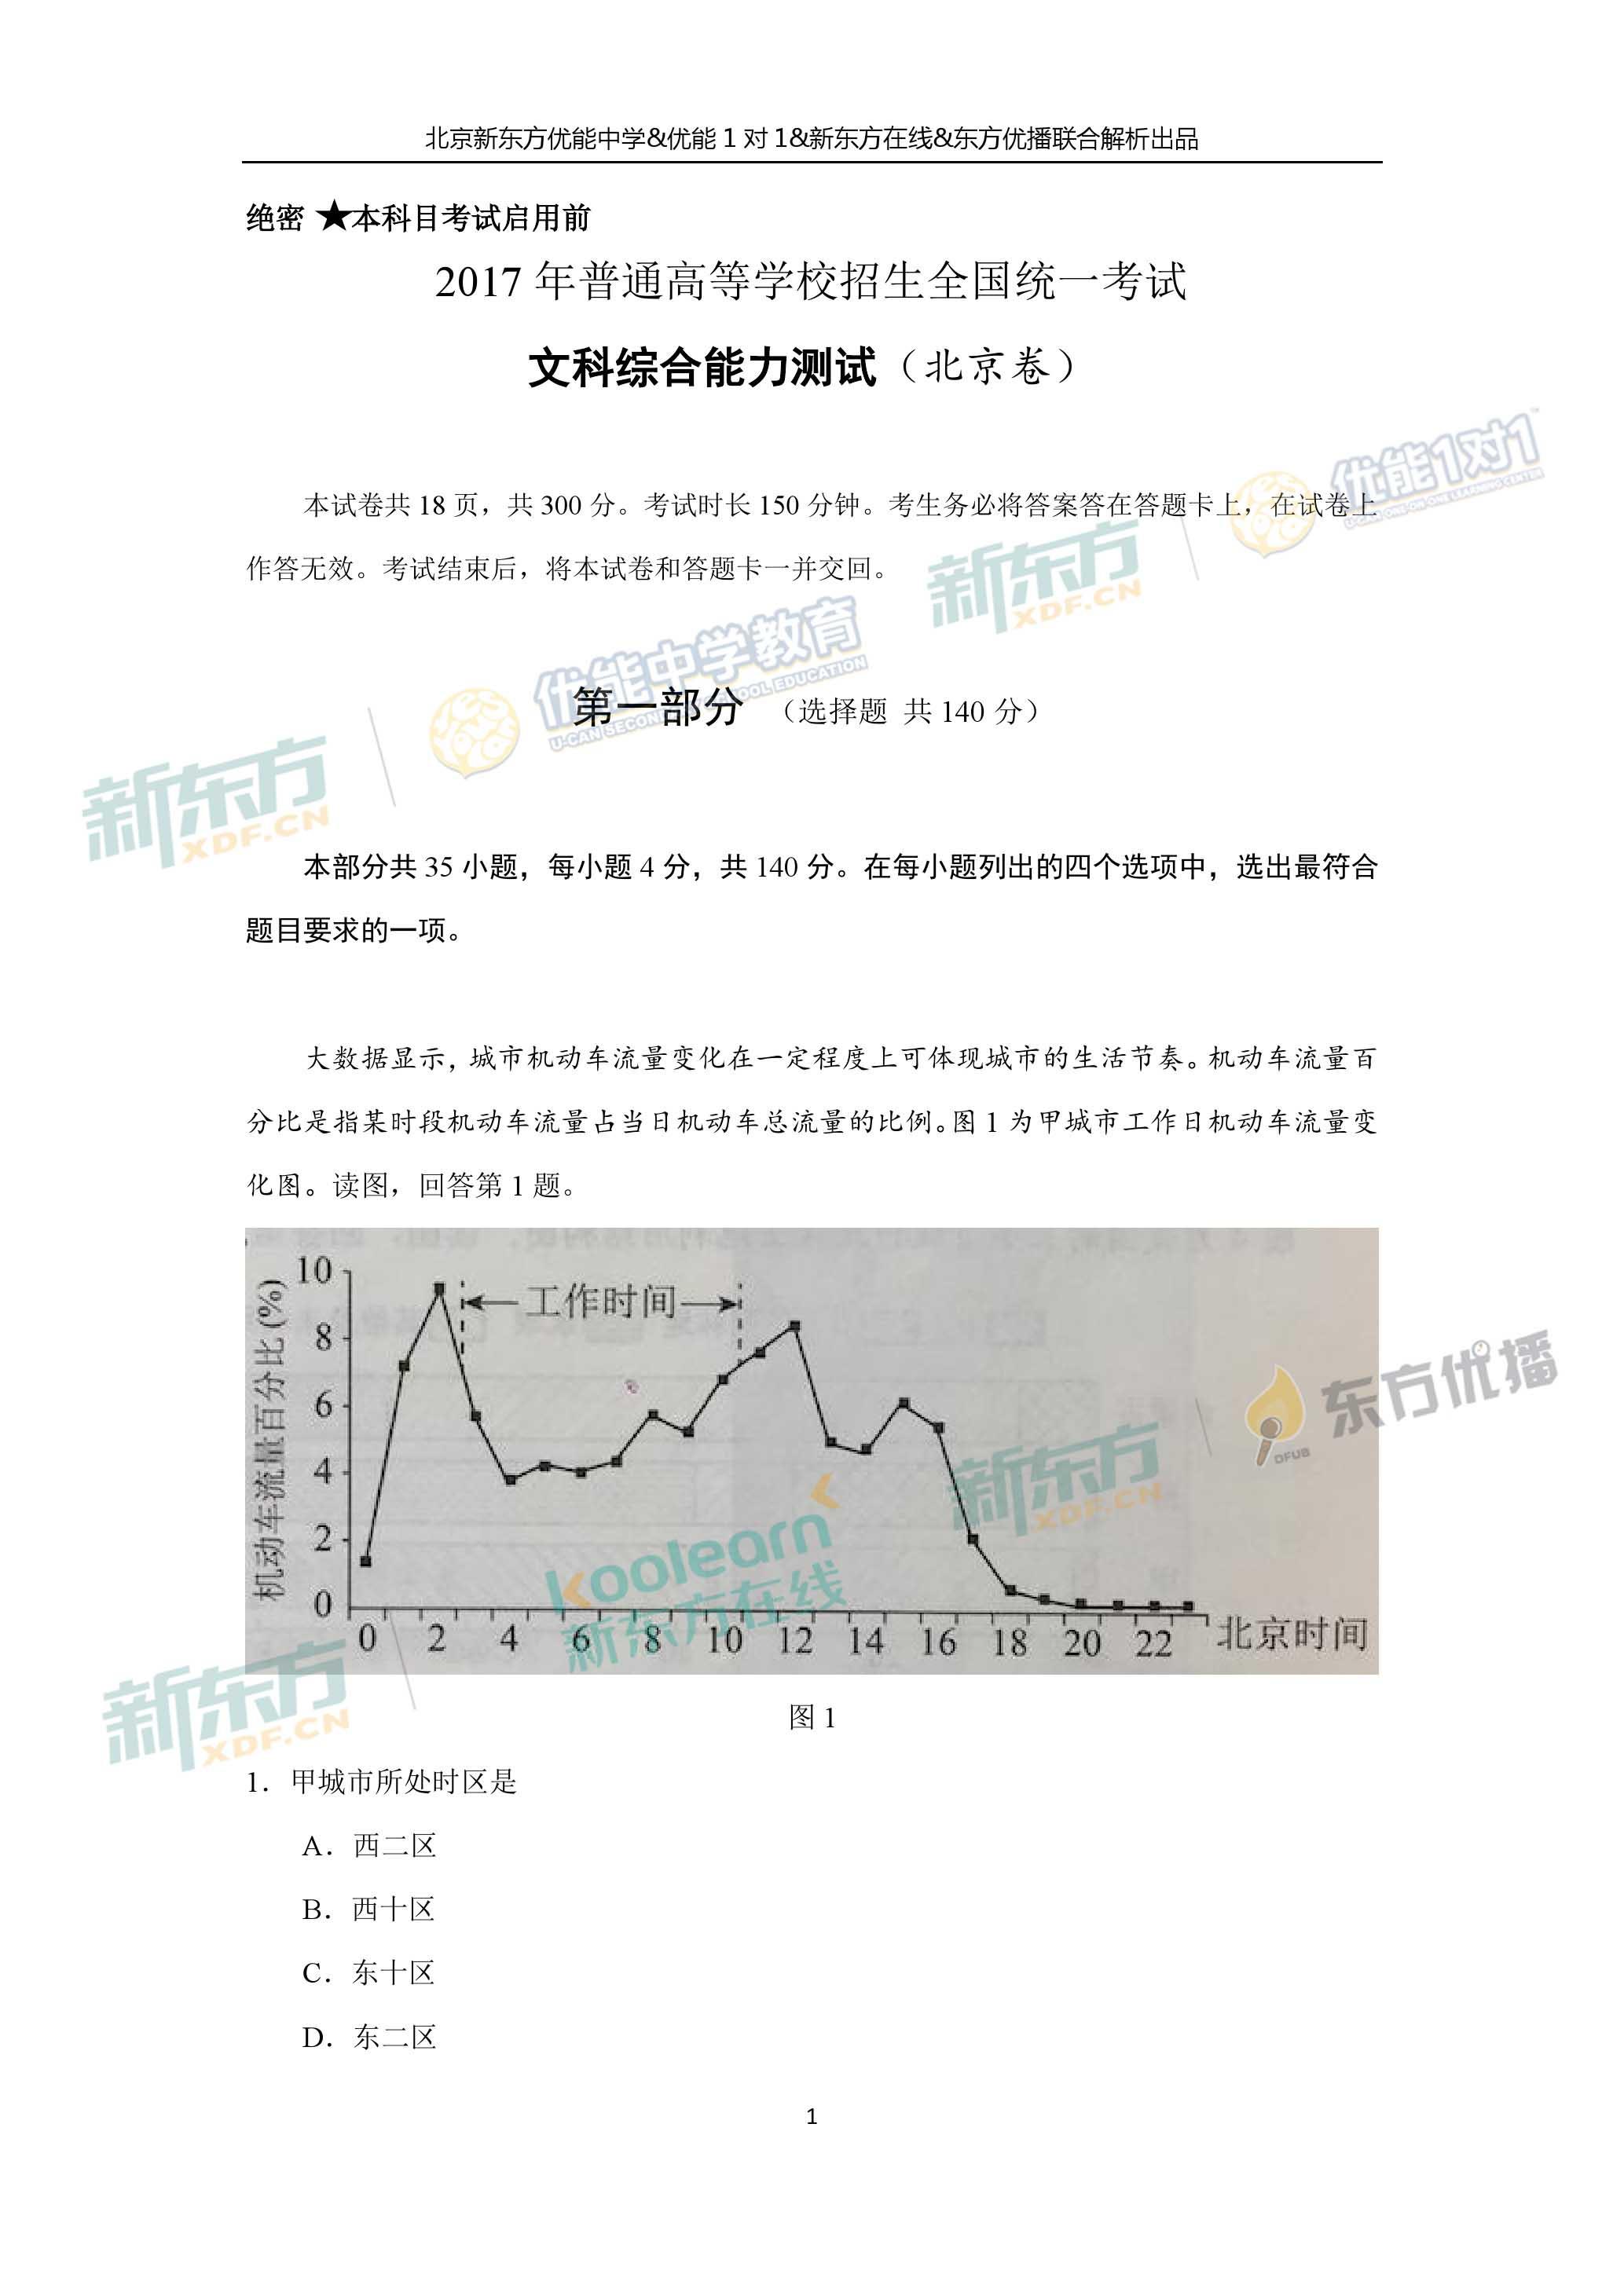 2017北京高考文综试卷答案逐题解析(北京新东方优能)